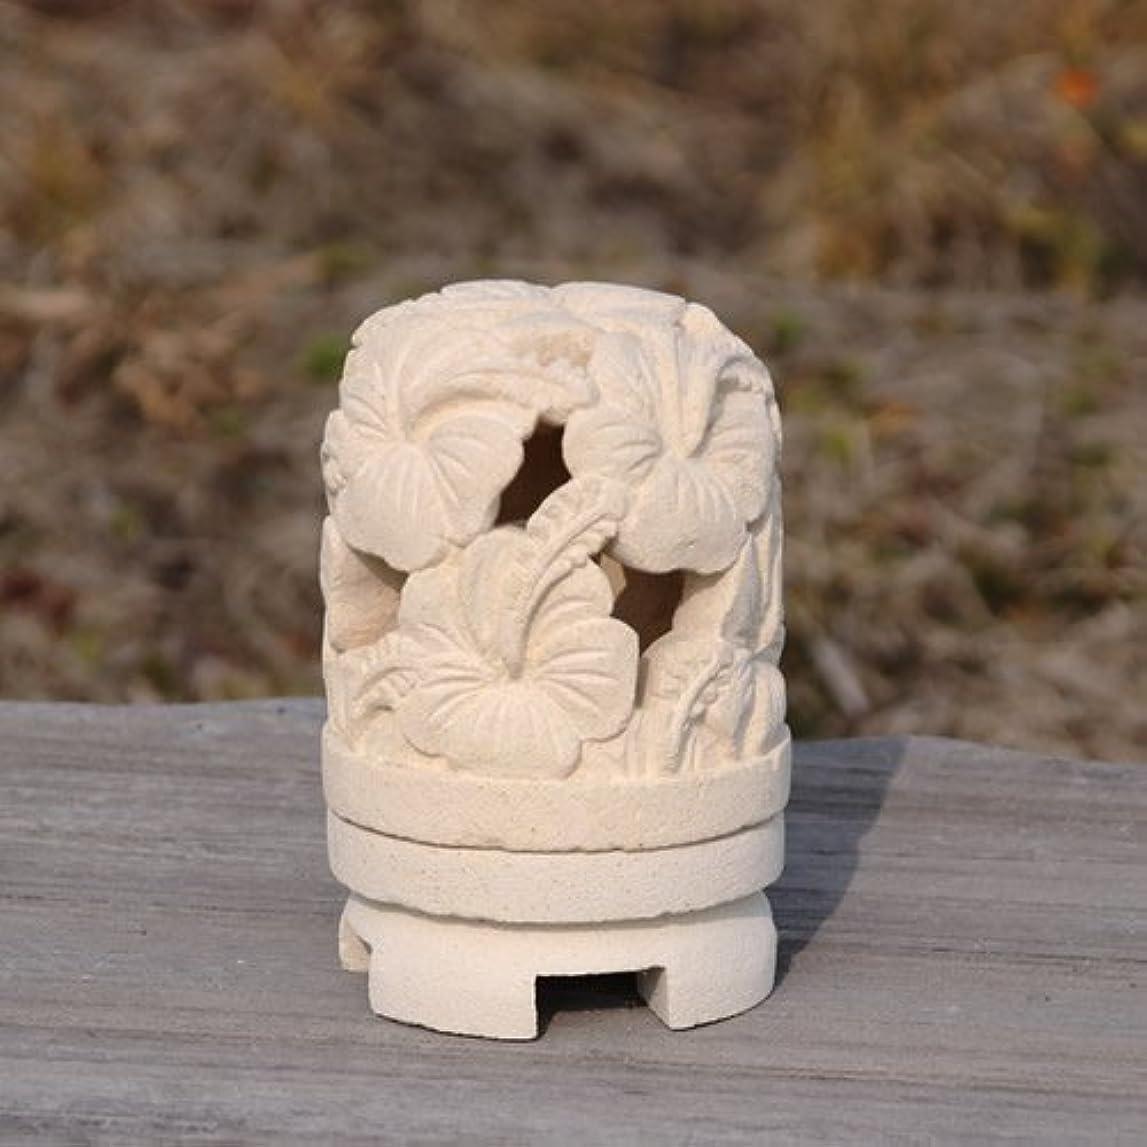 意味のあるあさり隠ライムストーンで出来たハンドメイドの丸いキャンドルホルダー (タイプB(ハイビスカス))